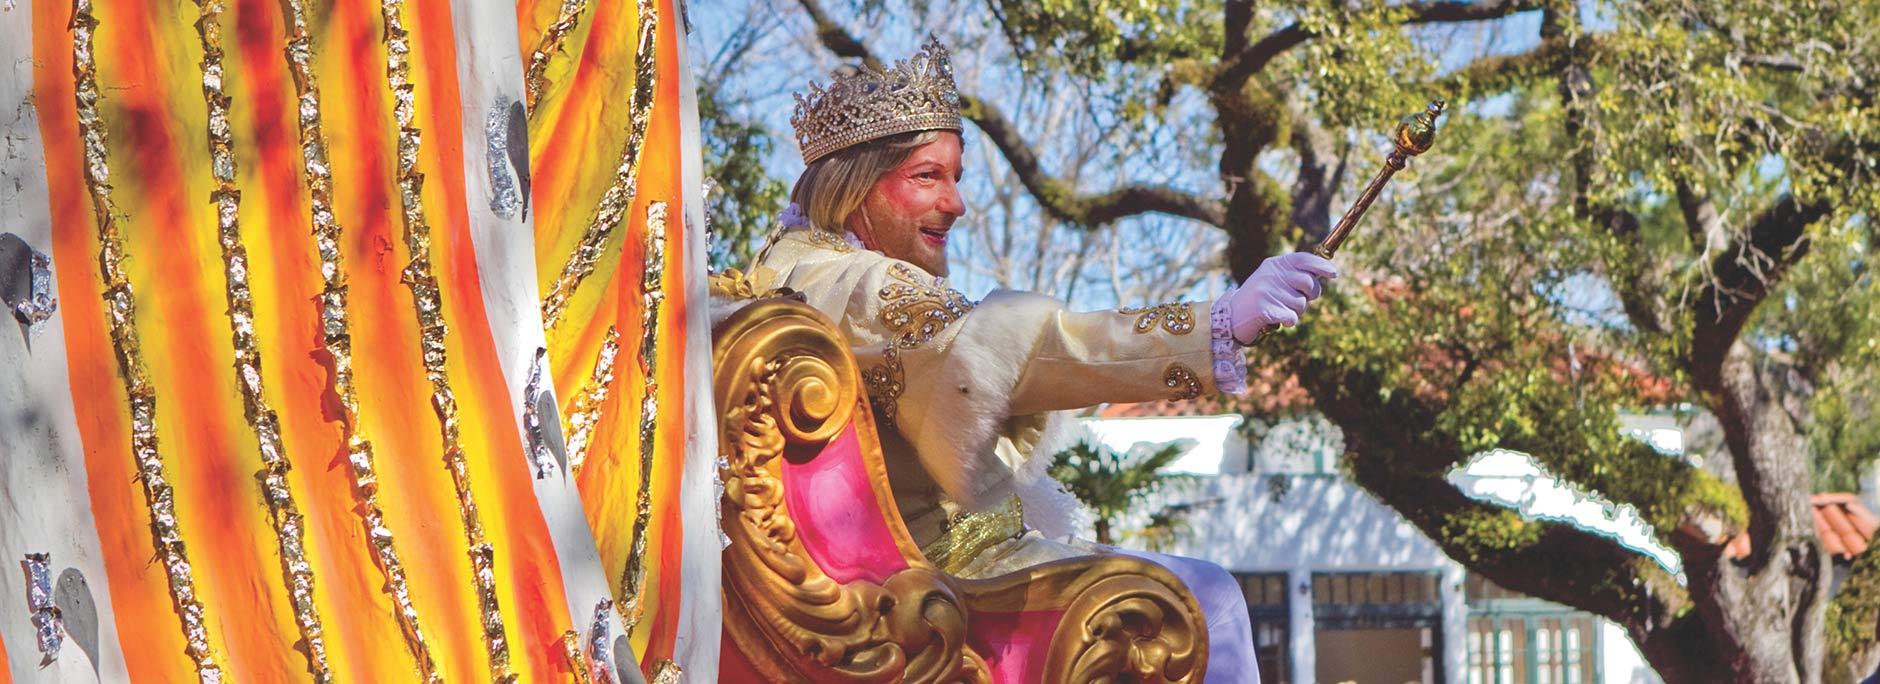 Rex King Of Carnival